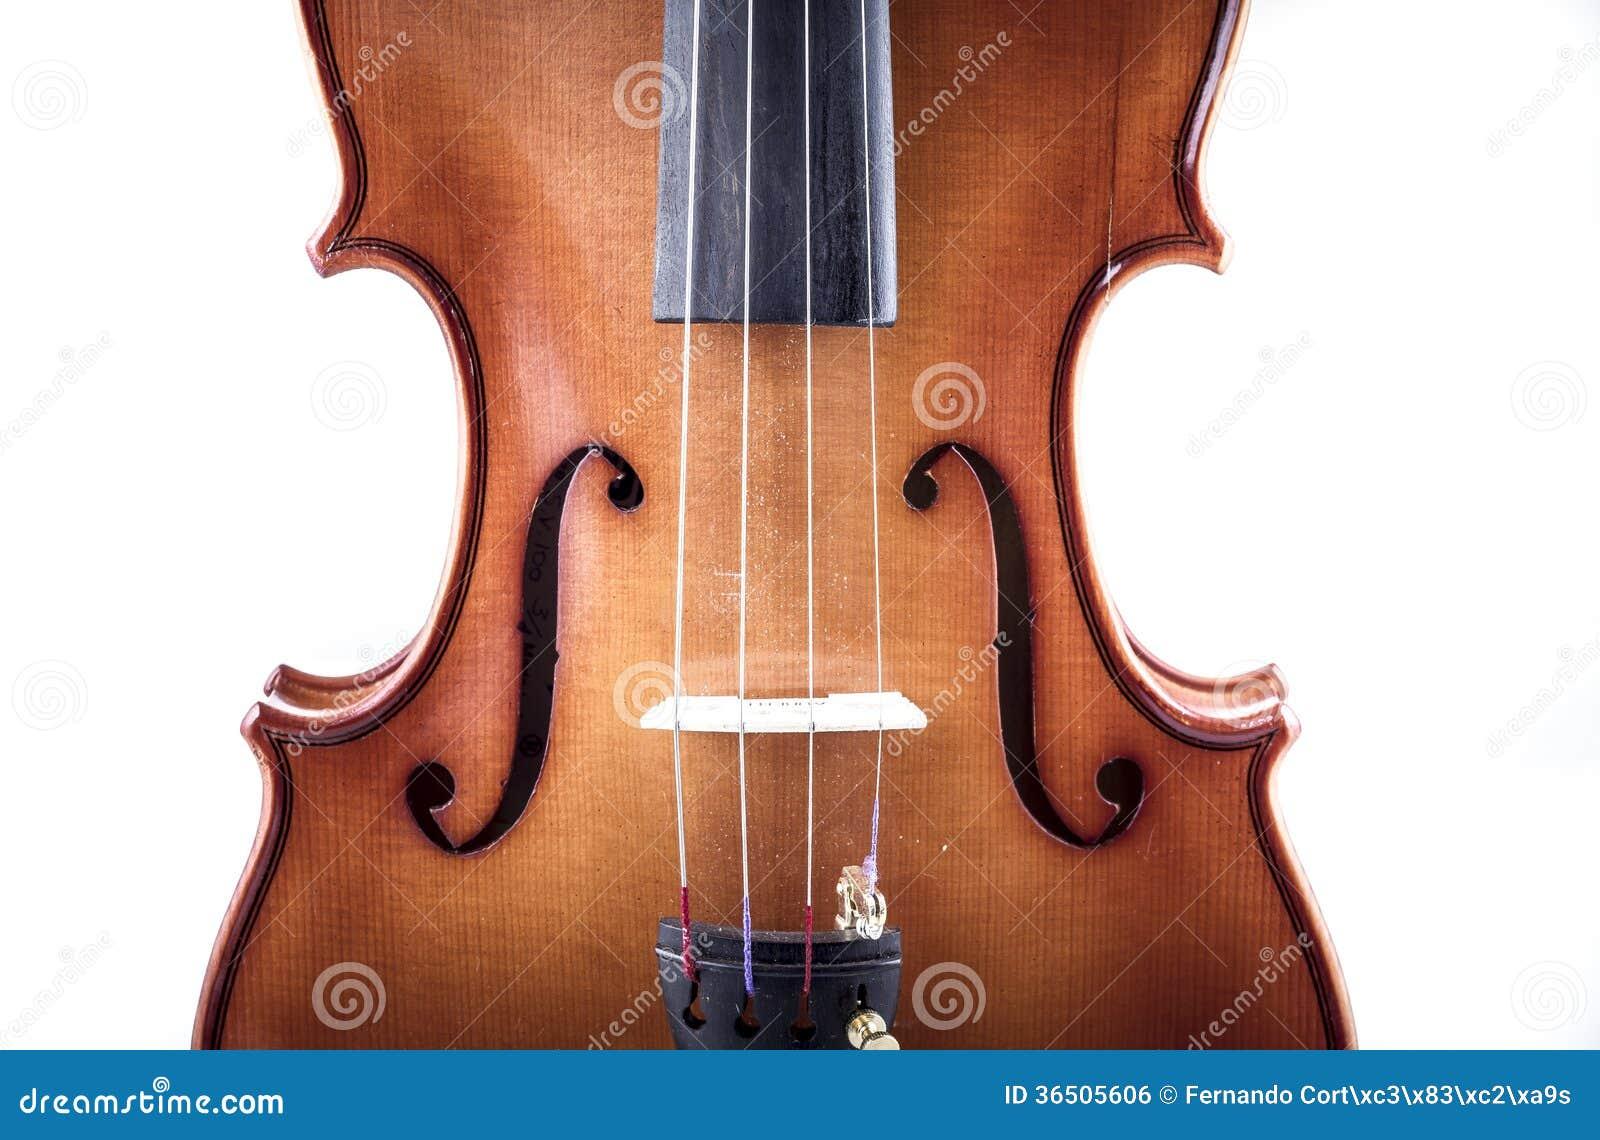 Harmonia, opinião dianteira do violino isolada no branco, vintage